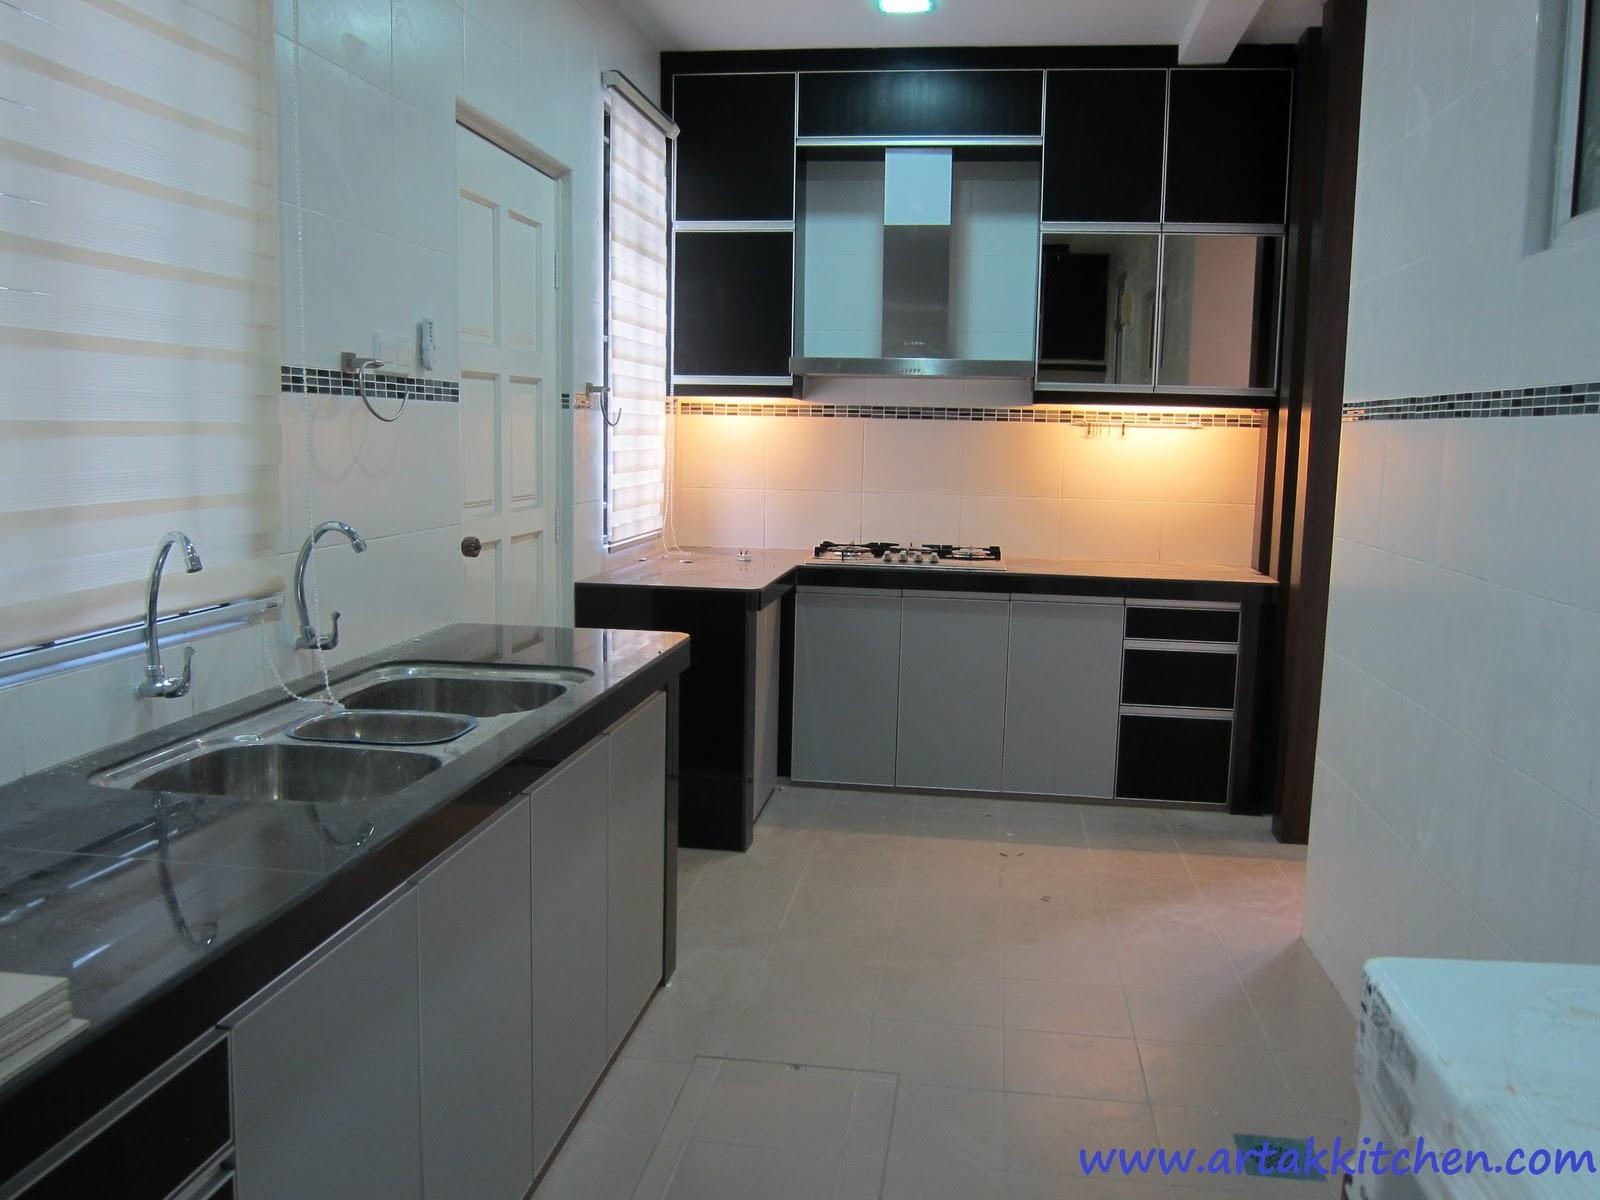 Intech Kitchen Sdn Bhd : New kitchen cabinet design